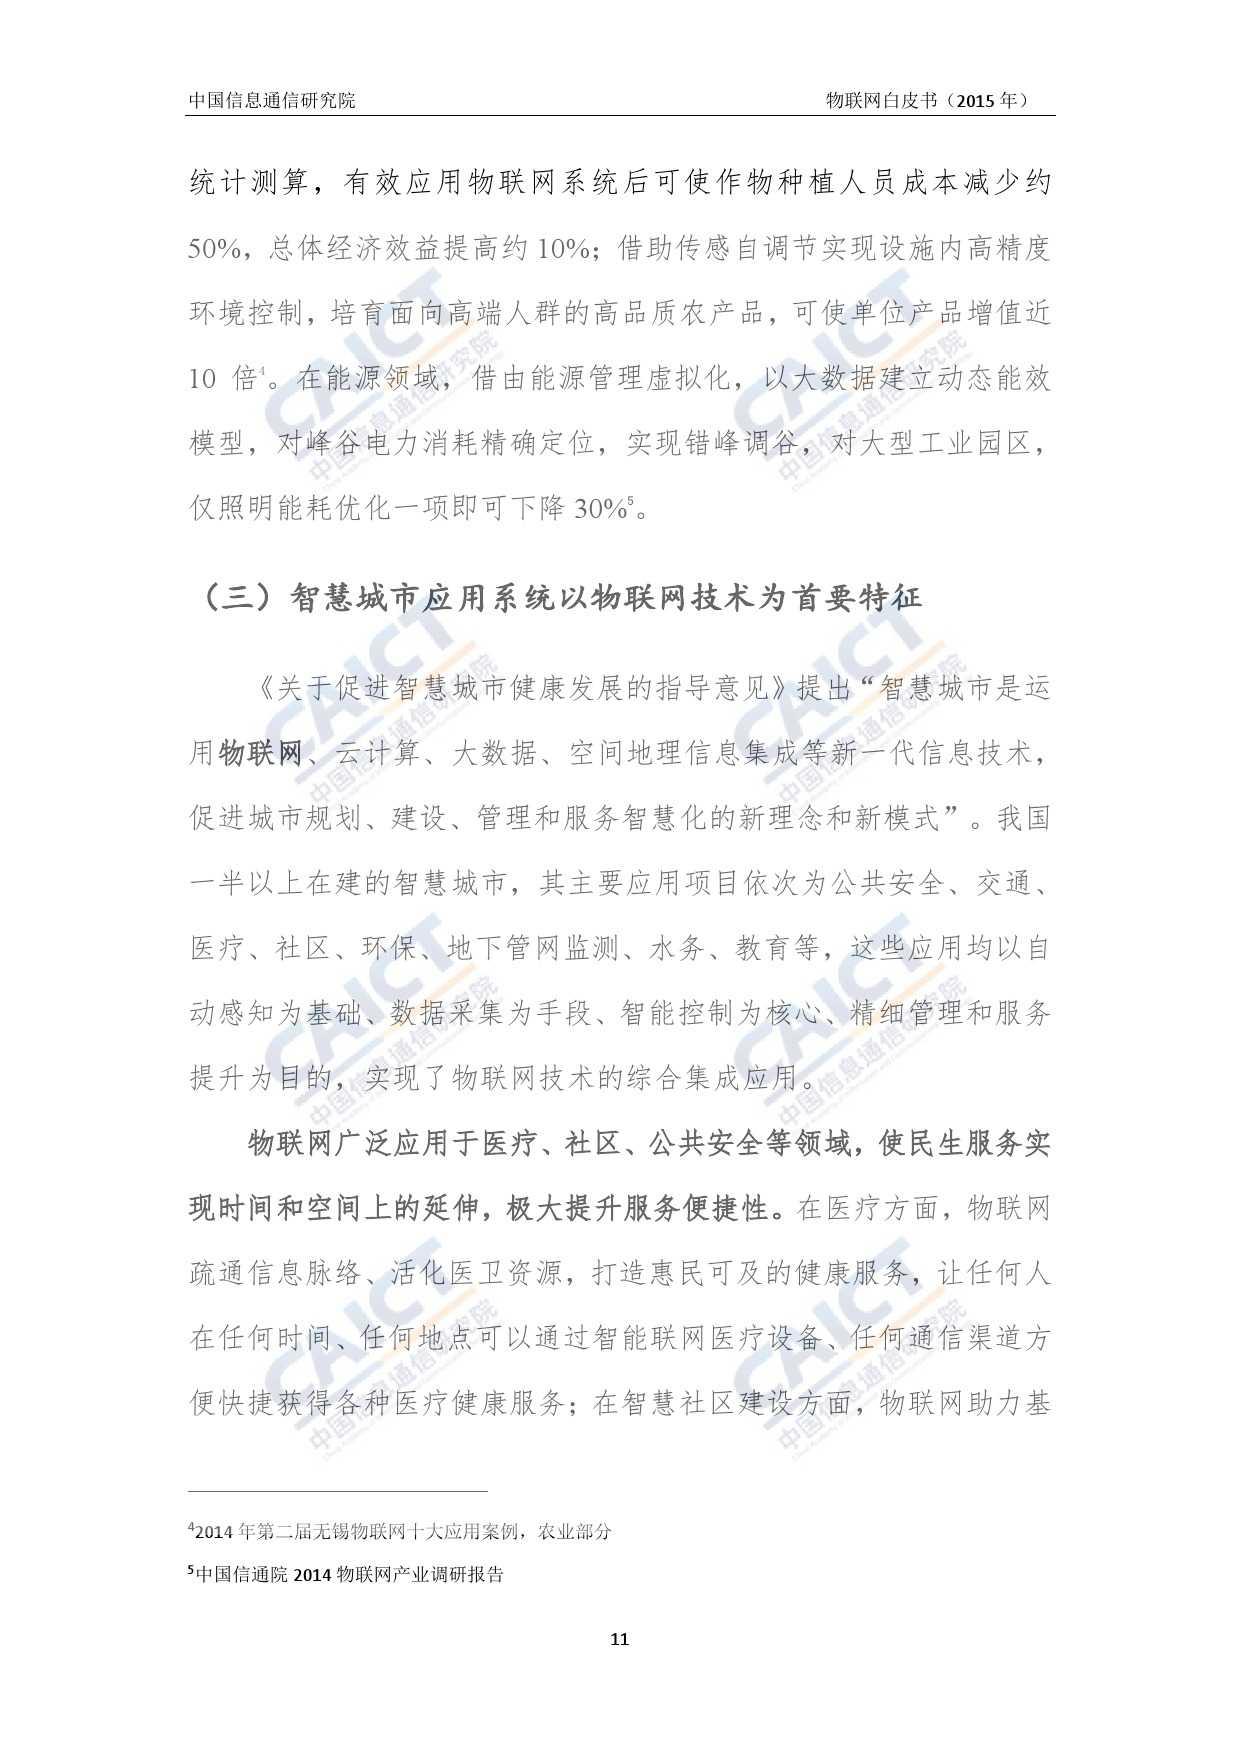 中国信息通信研究院:2015年物联网白皮书_000015